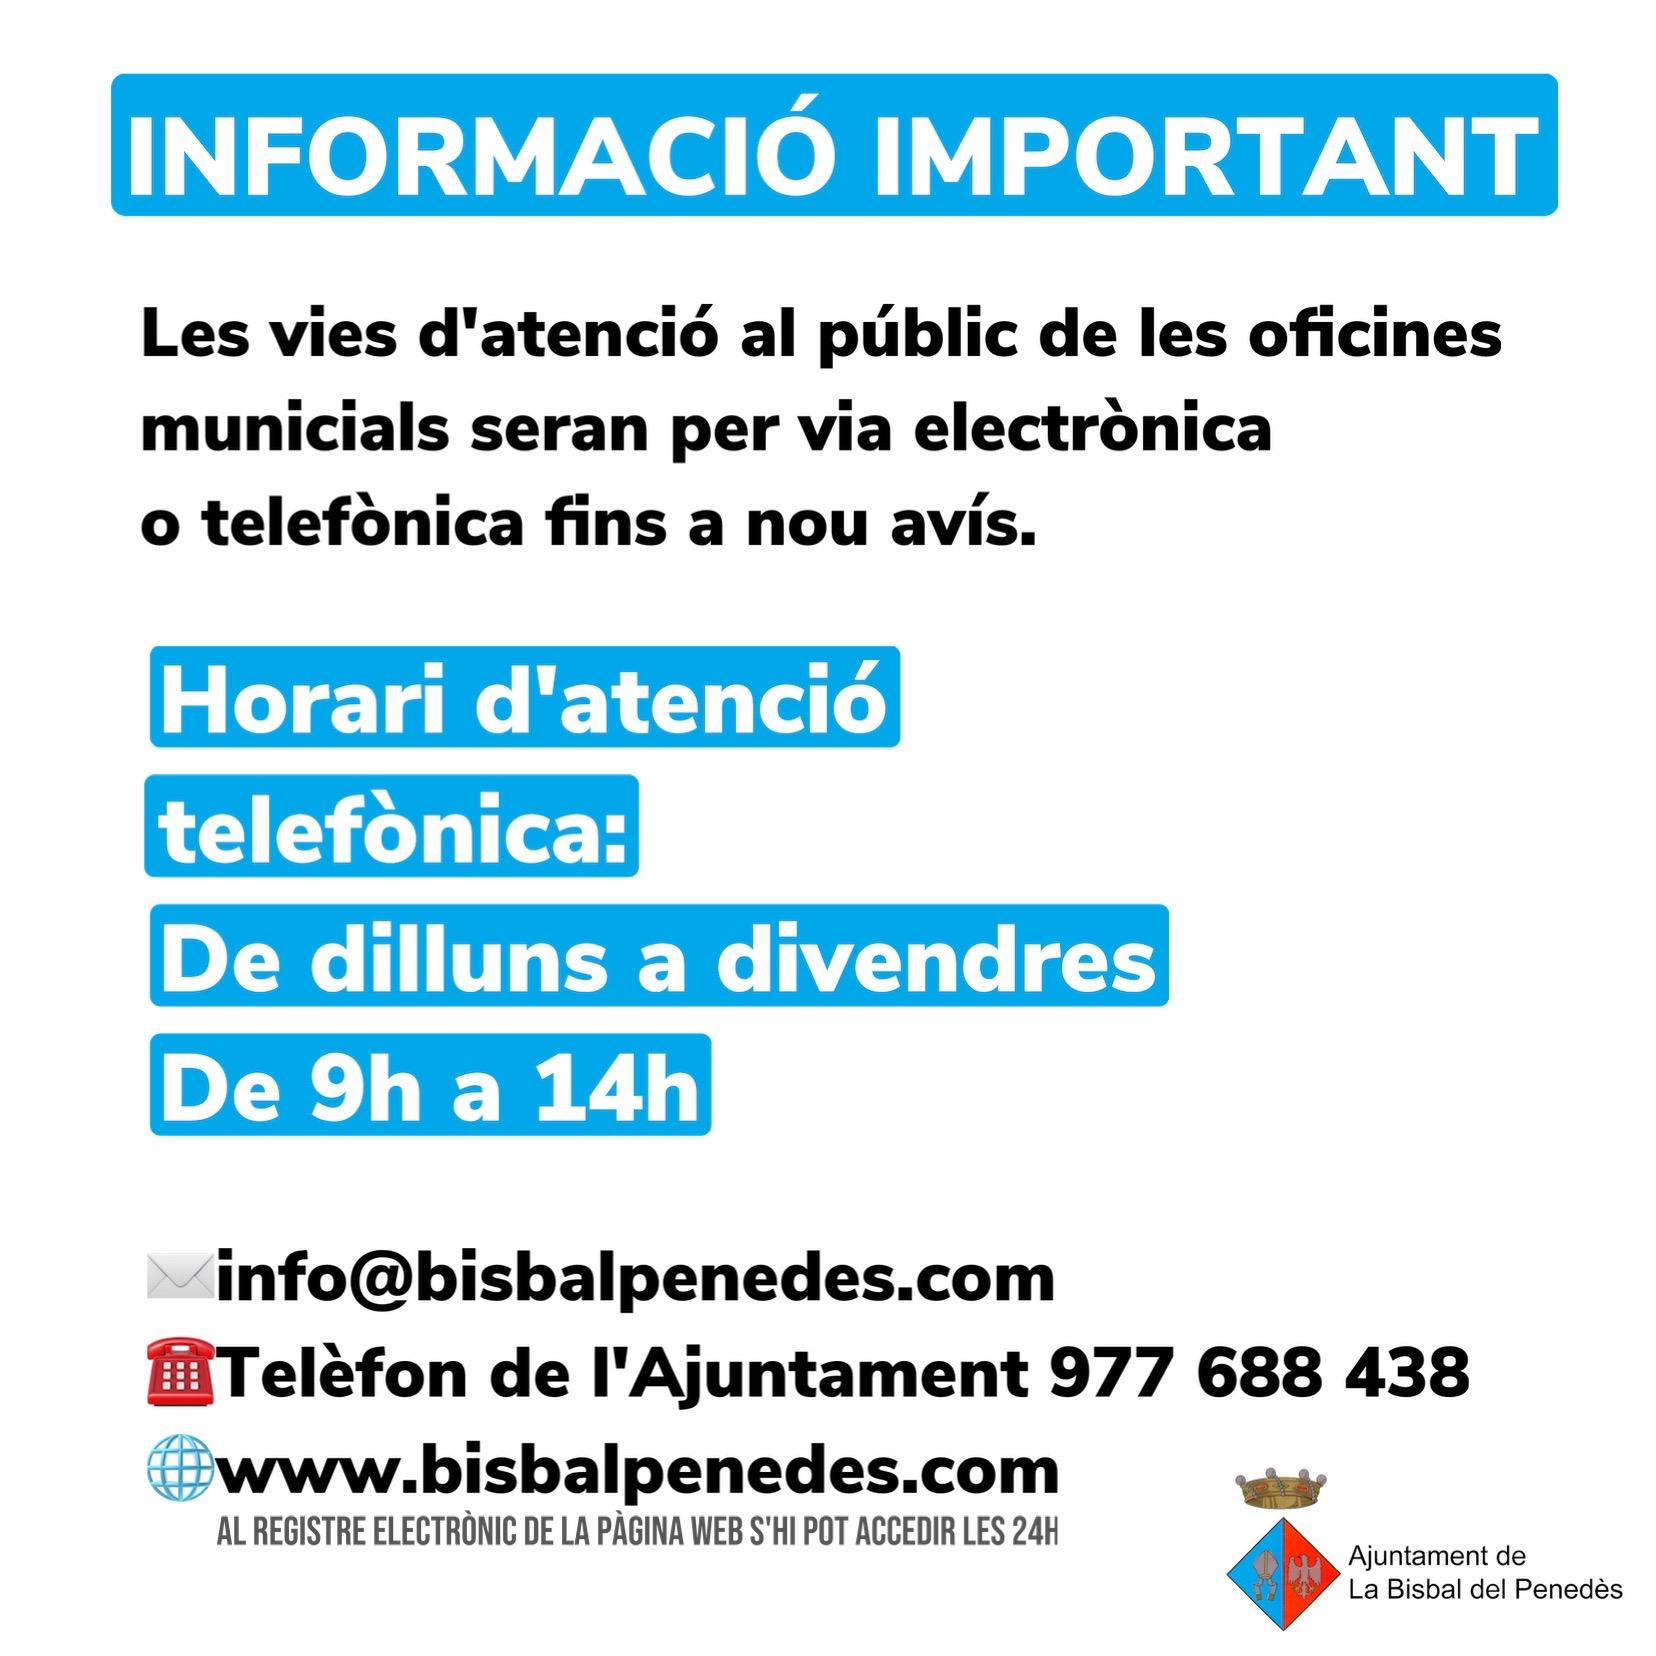 Fins a nou avís les vies d'atenció al públic de l'Ajuntament de la Bisbal del Penedès seran l'electrònica i la telefònica